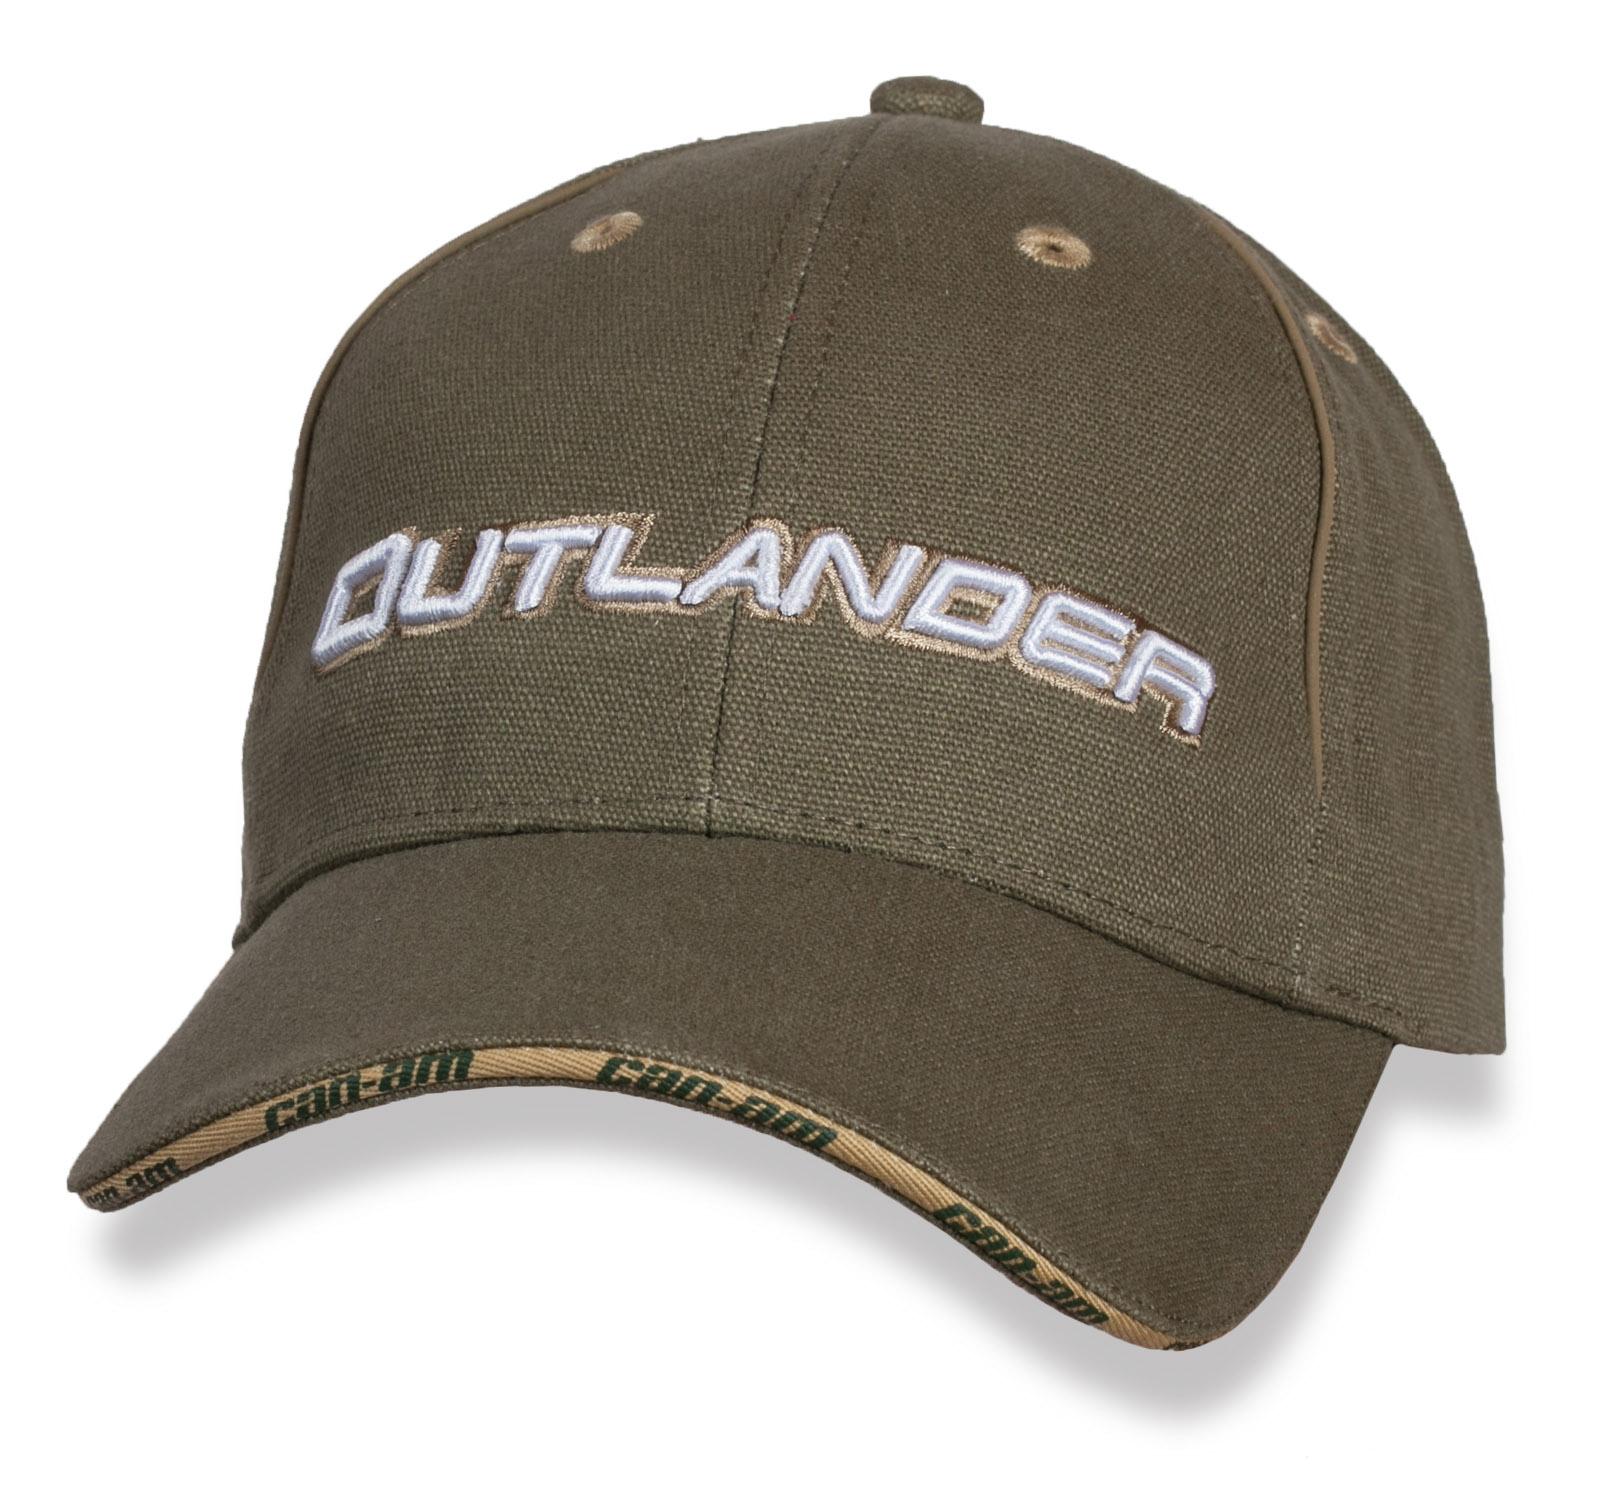 Стильная бейсболка Outlander.